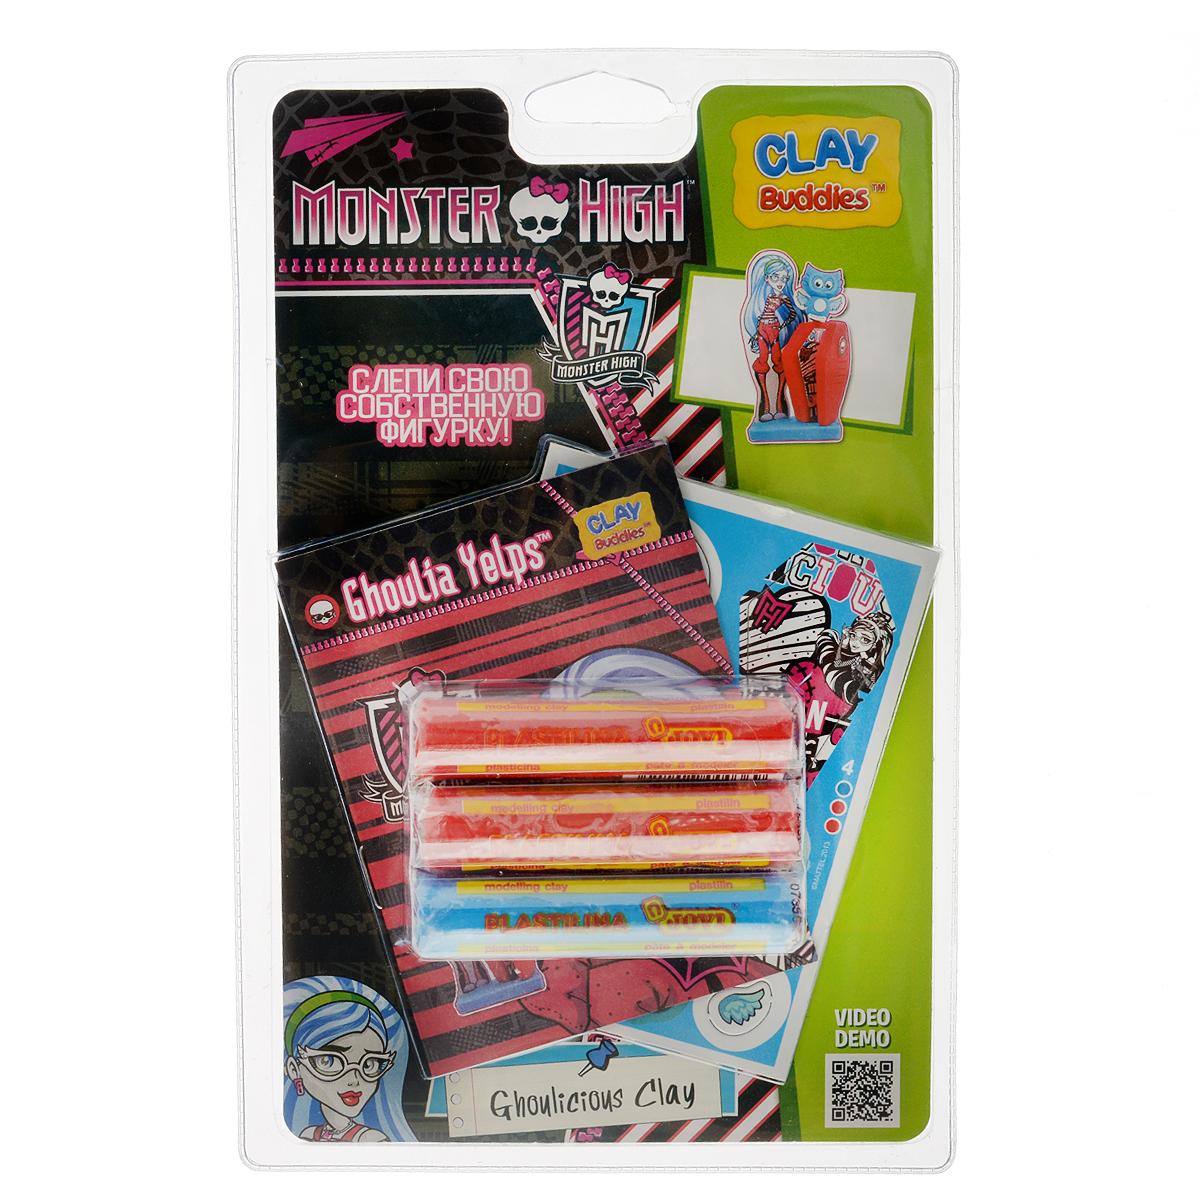 Giromax Набор для лепки Monster High. Ghoulia Yelps307625_Ghoulicious clayНабор для лепки Giromax Monster High. Ghoulia Yelps позволит вашему ребенку создать поделку в виде Гулии Йелпс - персонажа популярного мультсериала Школа Монстров (Monster High). Набор включает три бруска пластилина (один голубого цвета, два других - красного), картонный лист с красочными элементами для оформления поделки, липучку для наклеивания элементов, а также брошюру с заданиями и инструкцией на русском языке. Работа с пластилином для лепки подарит вашему ребенку положительные эмоции, а также поможет развить мелкую моторику рук, внимательность и усидчивость.